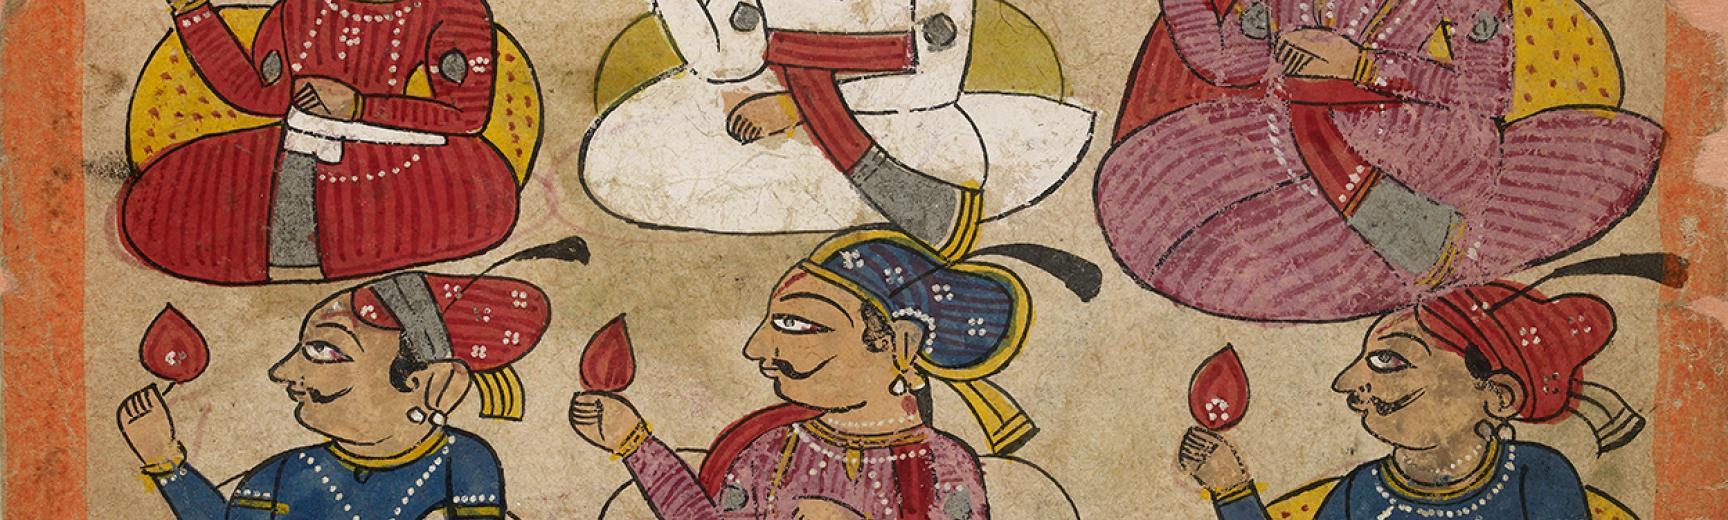 Noblemen in durbar Verso: Dancing girl performing for a Raja